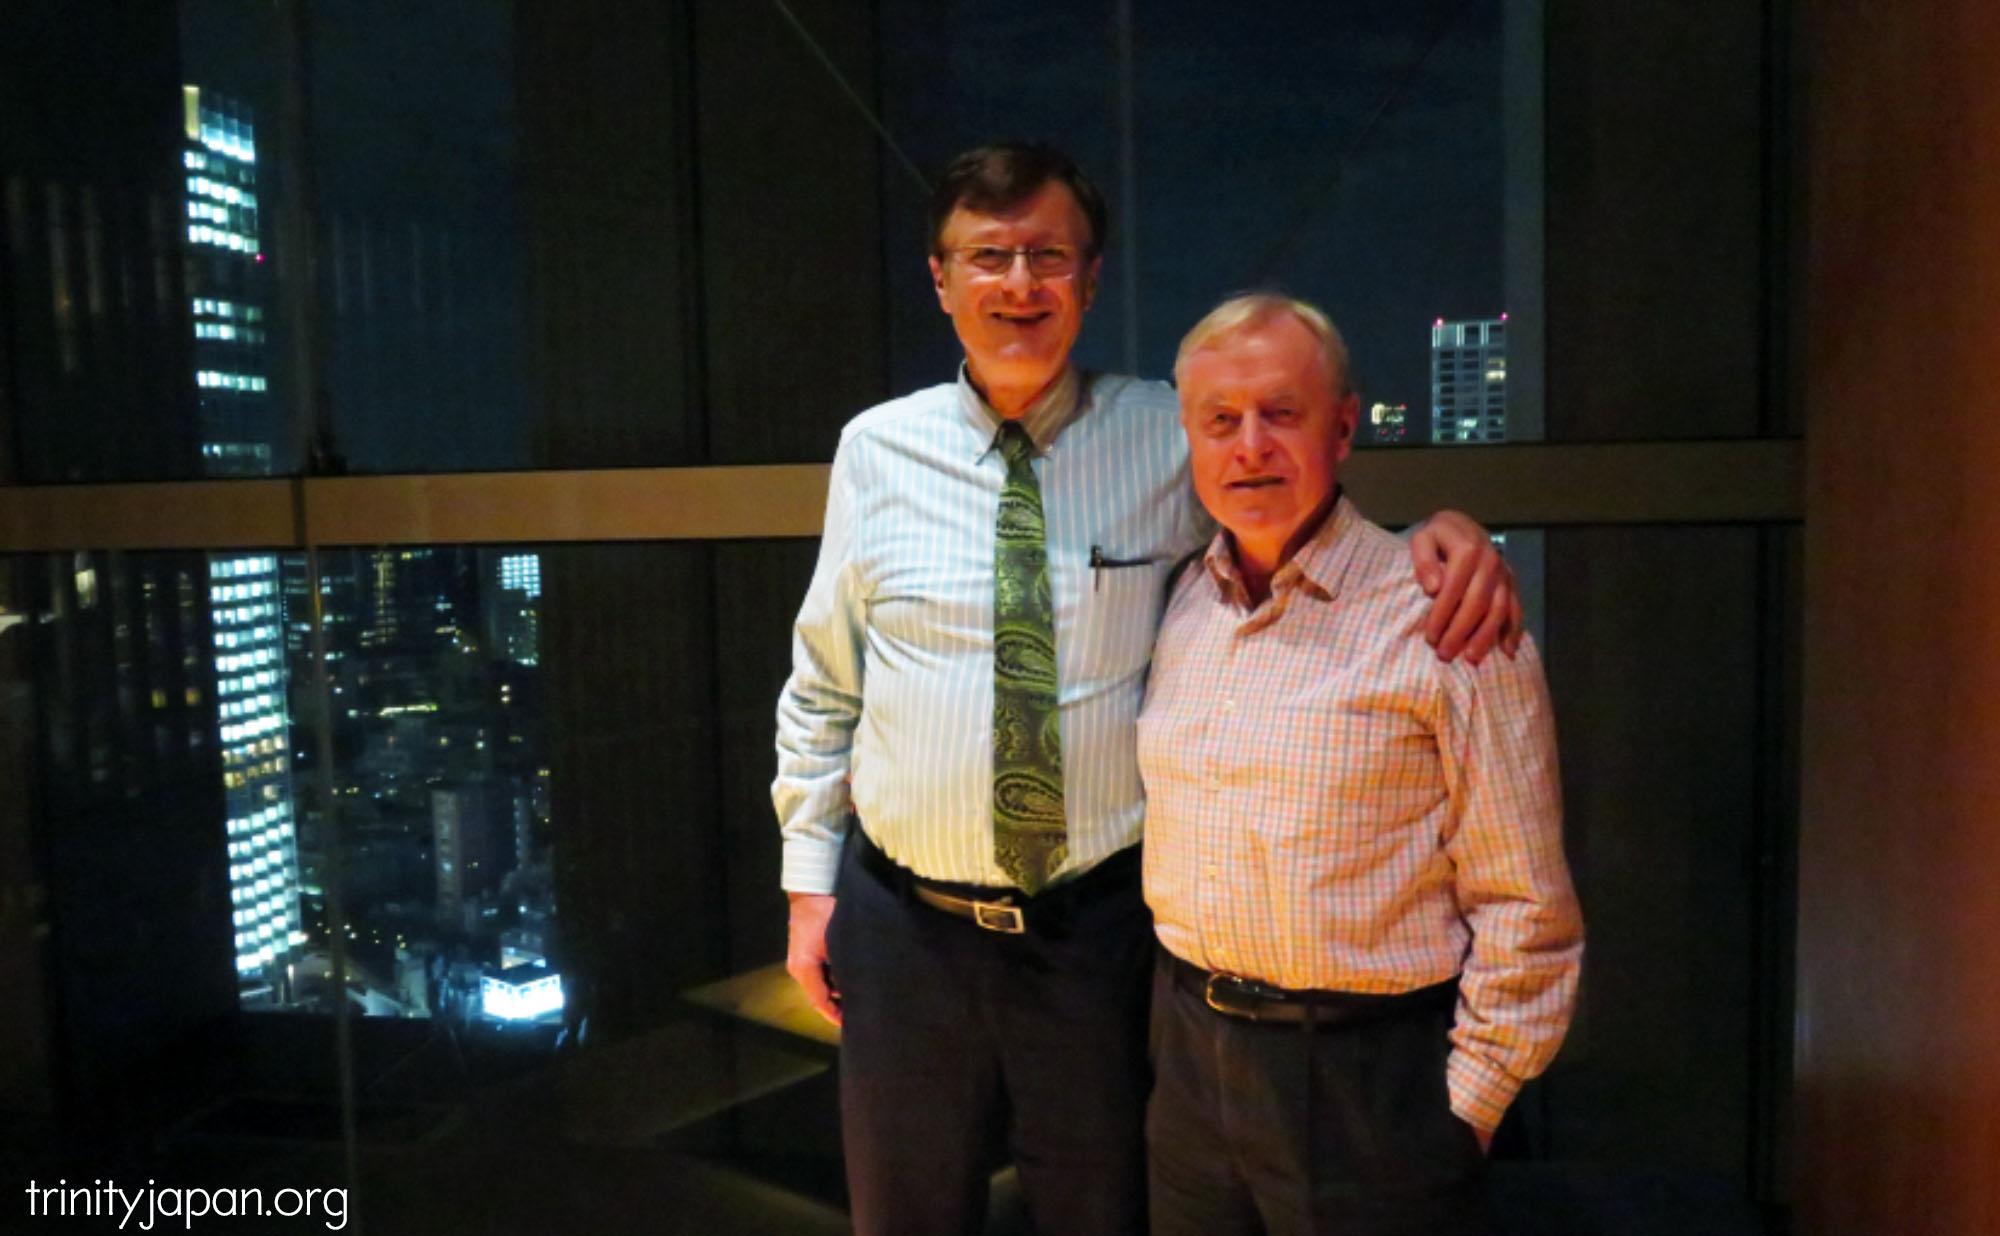 トリニティー・イン・ジャパンのミーティング、木曜日2016年10月27日 アントニー・ミリングトン